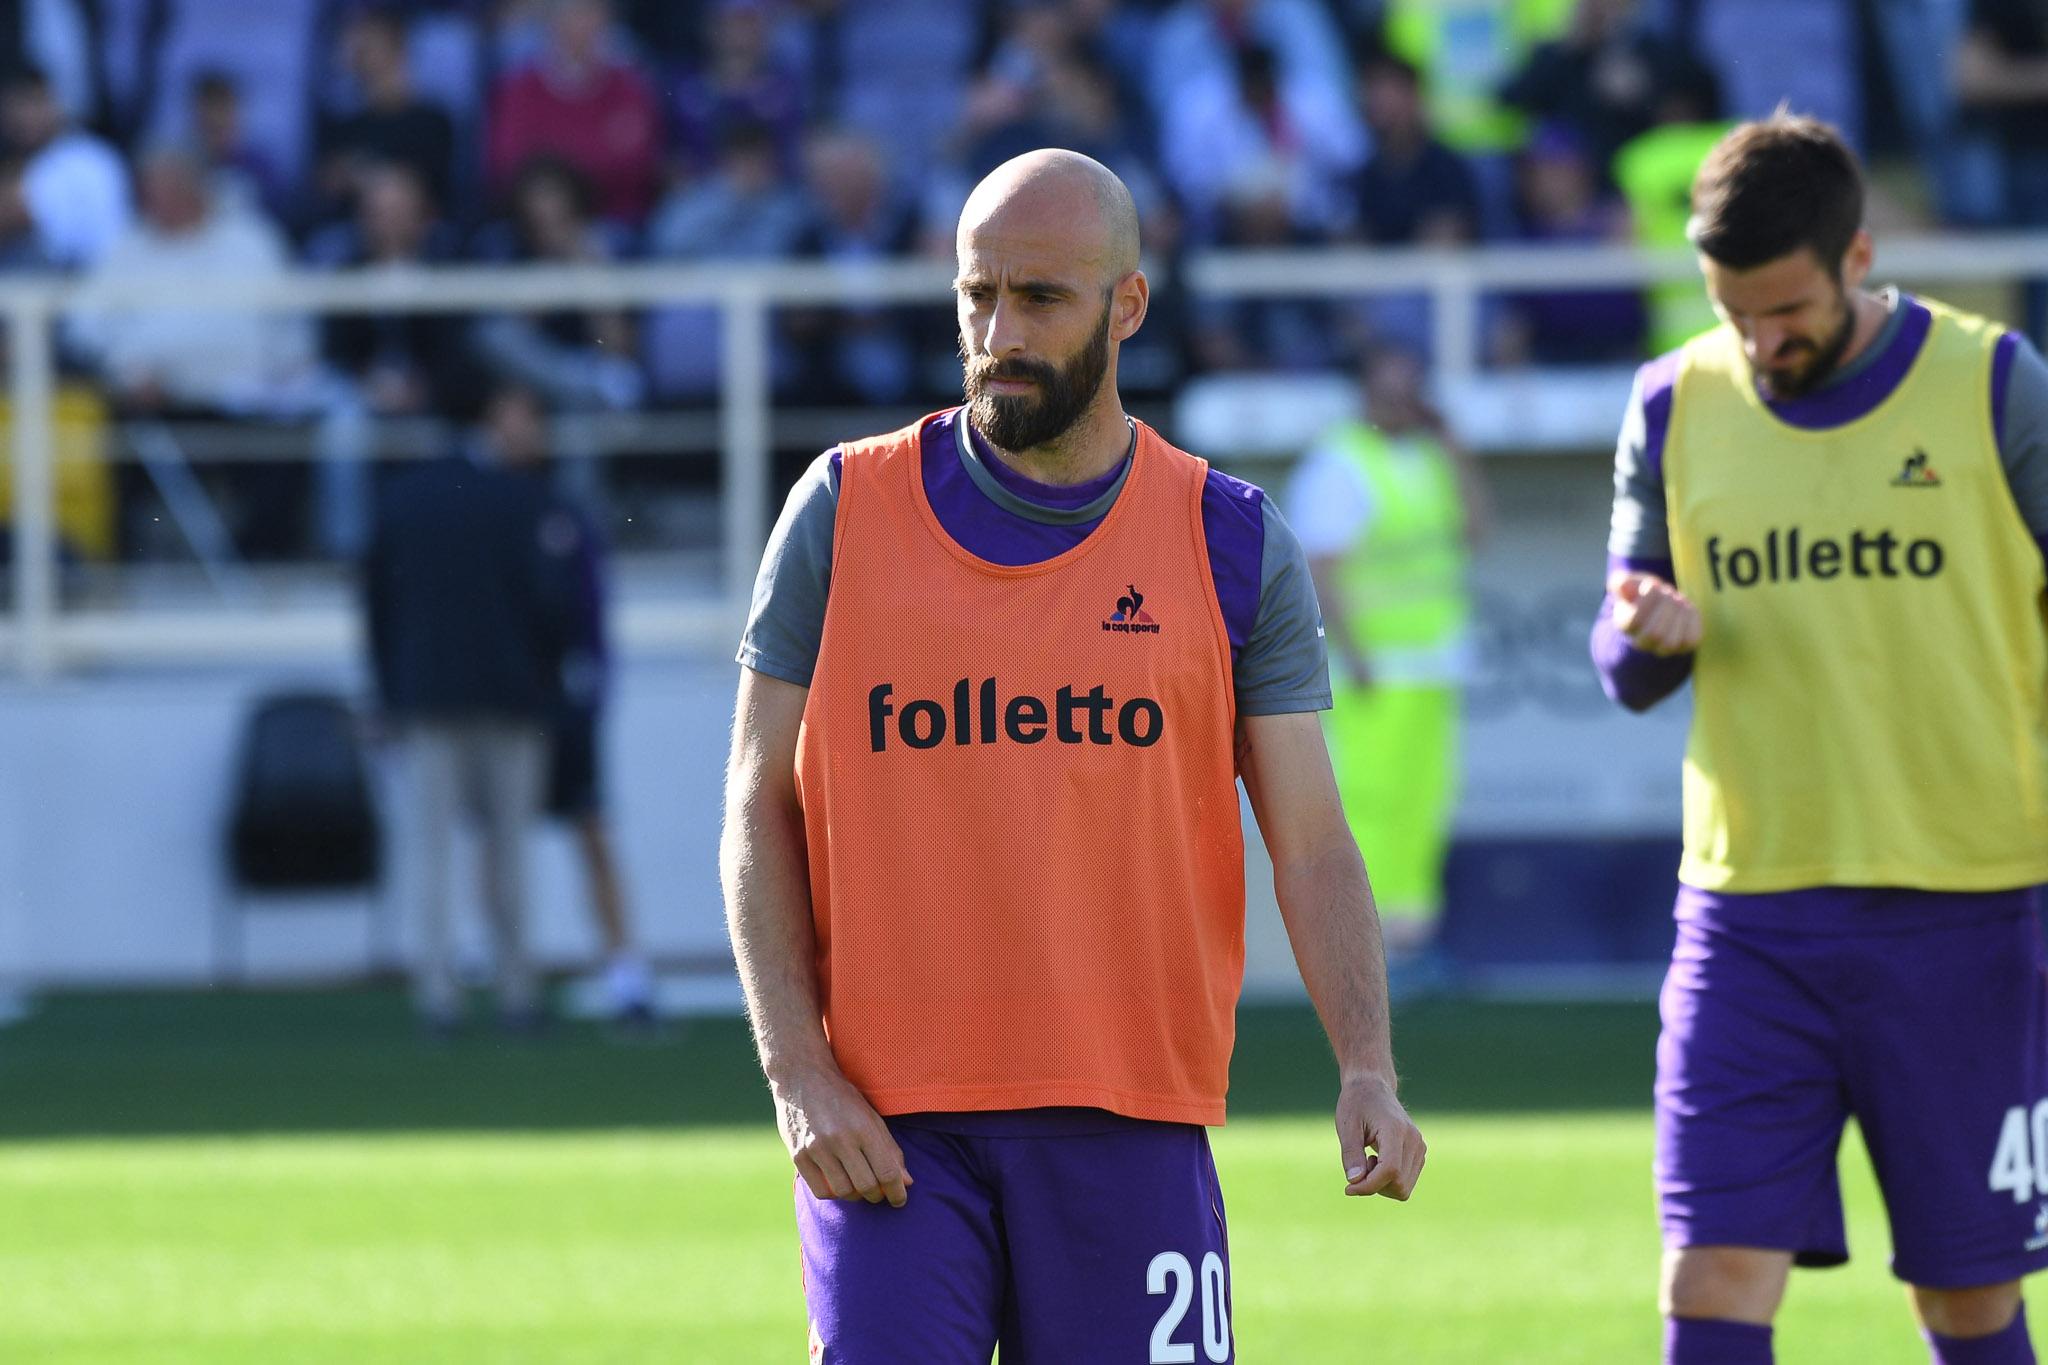 Repubblica, per Borja Valero all'Inter manca solo il si del calciatore. Società d'accordo